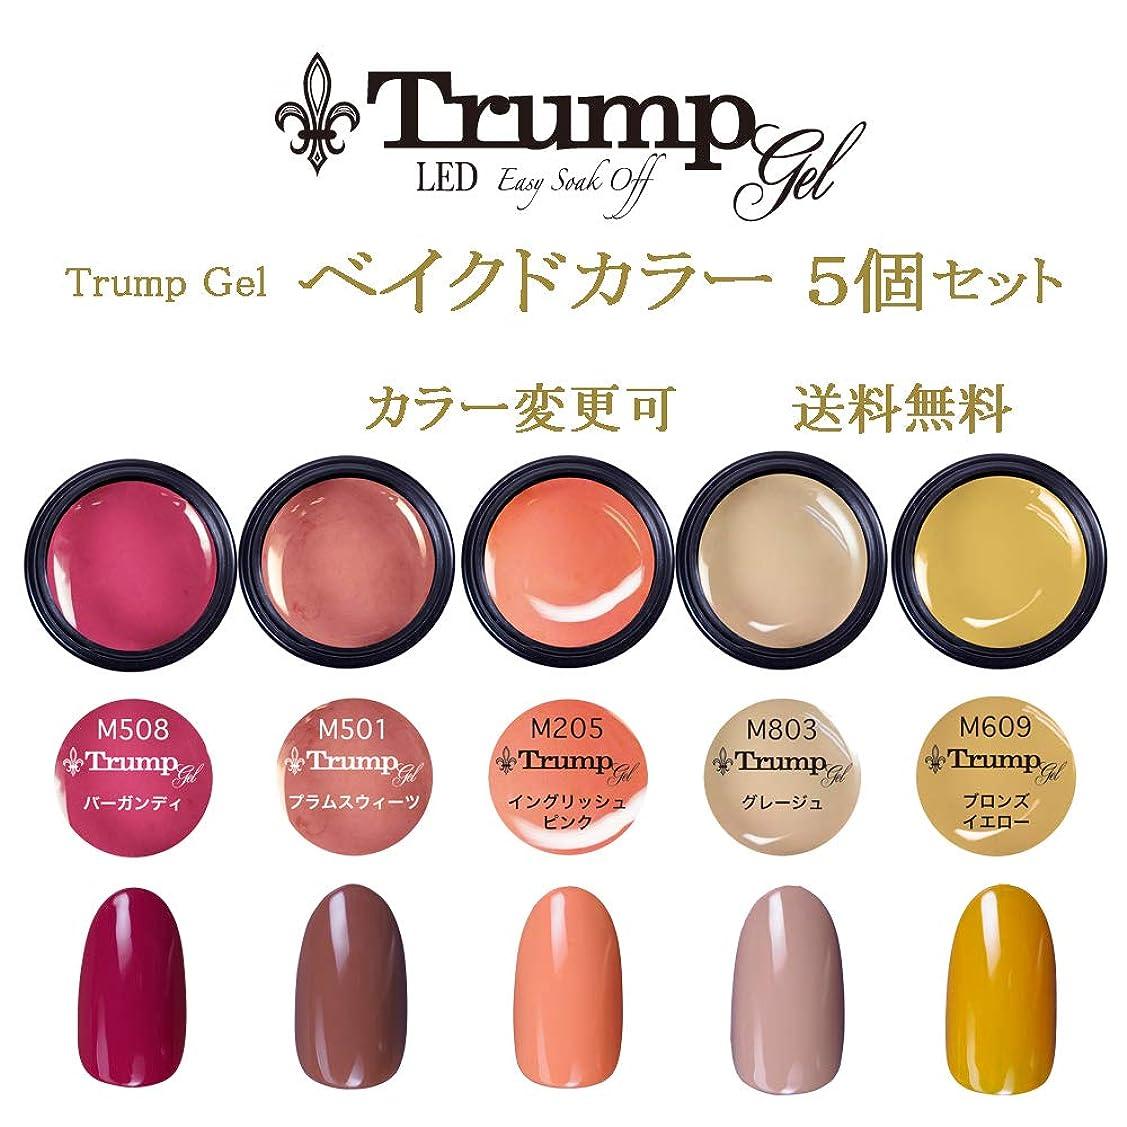 上に櫛ベルト【送料無料】日本製 Trump gel トランプジェル ベイクドカラー 選べる カラージェル 5個セット ミルキーネイル ベージュ オレンジ カラー